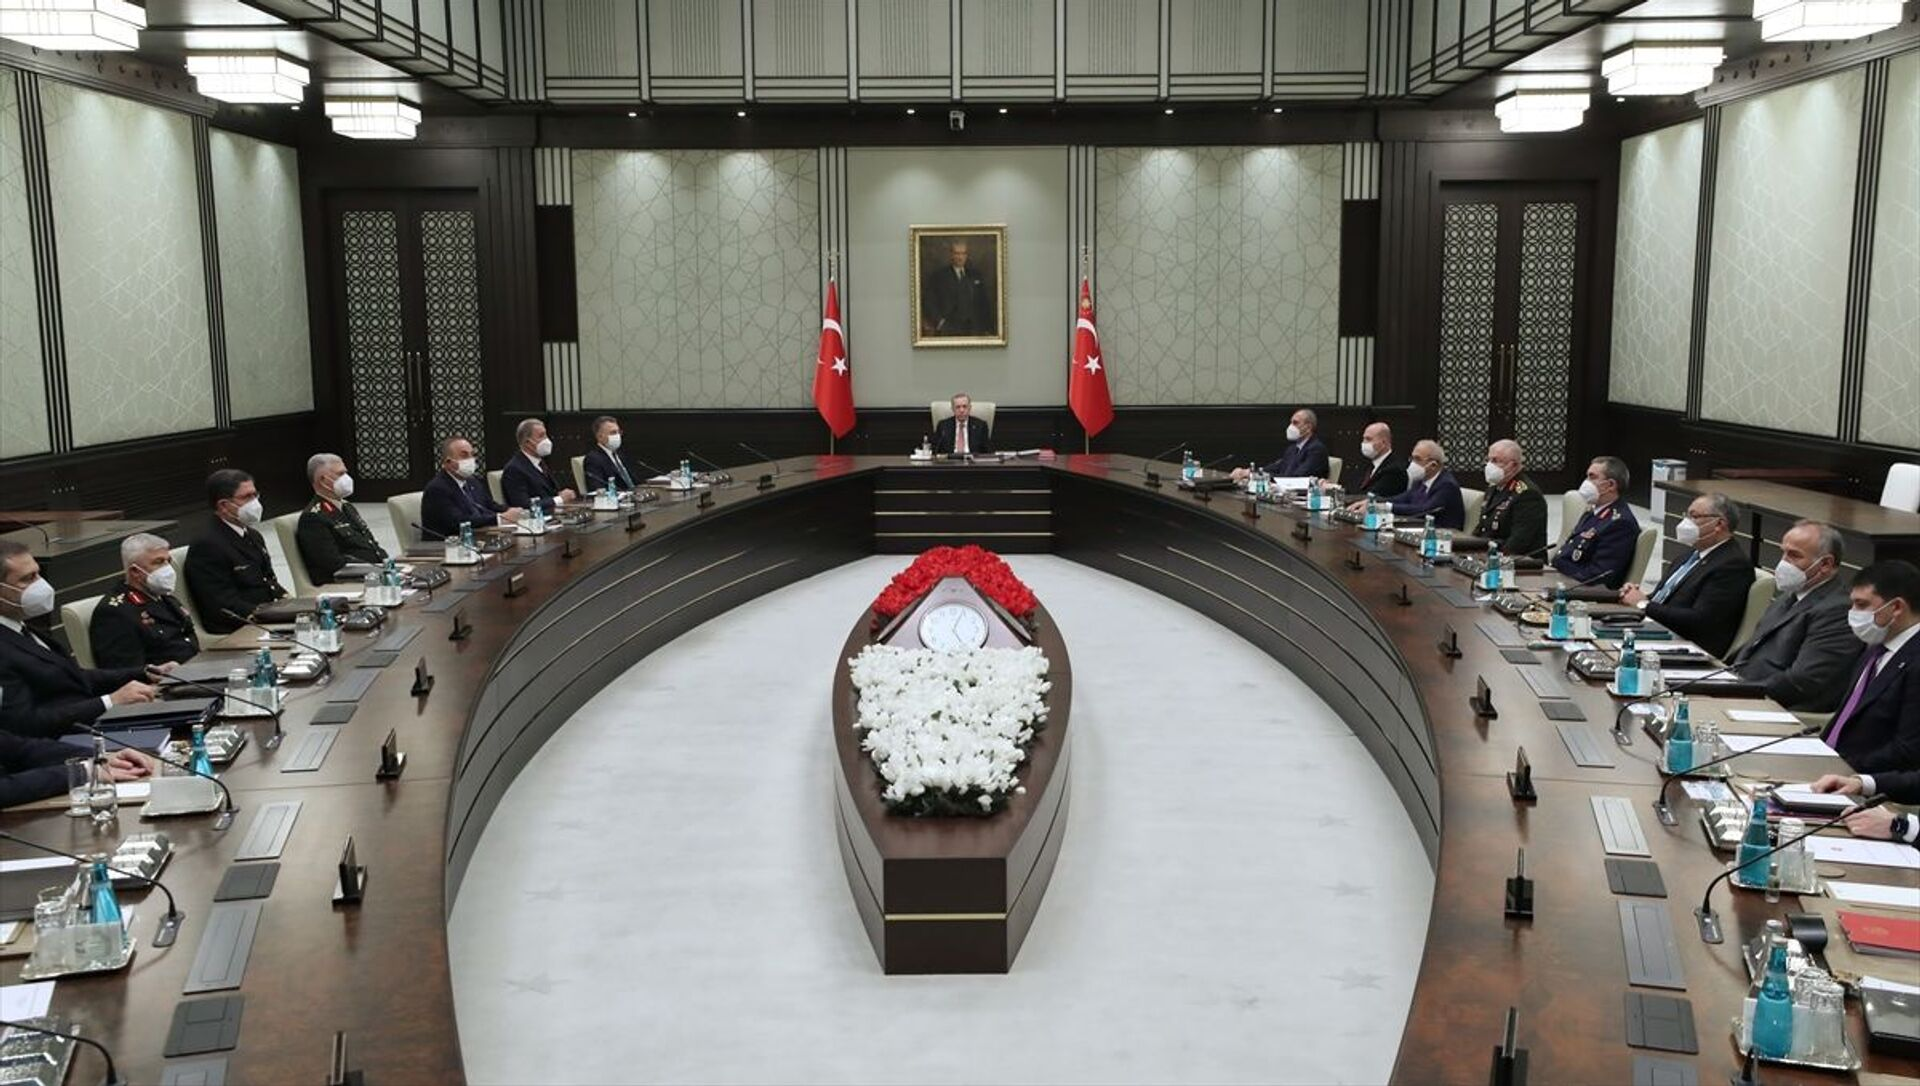 Milli Güvenlik Kurulu (MGK), Cumhurbaşkanı Recep Tayyip Erdoğan başkanlığında toplandı. - Sputnik Türkiye, 1920, 05.08.2021